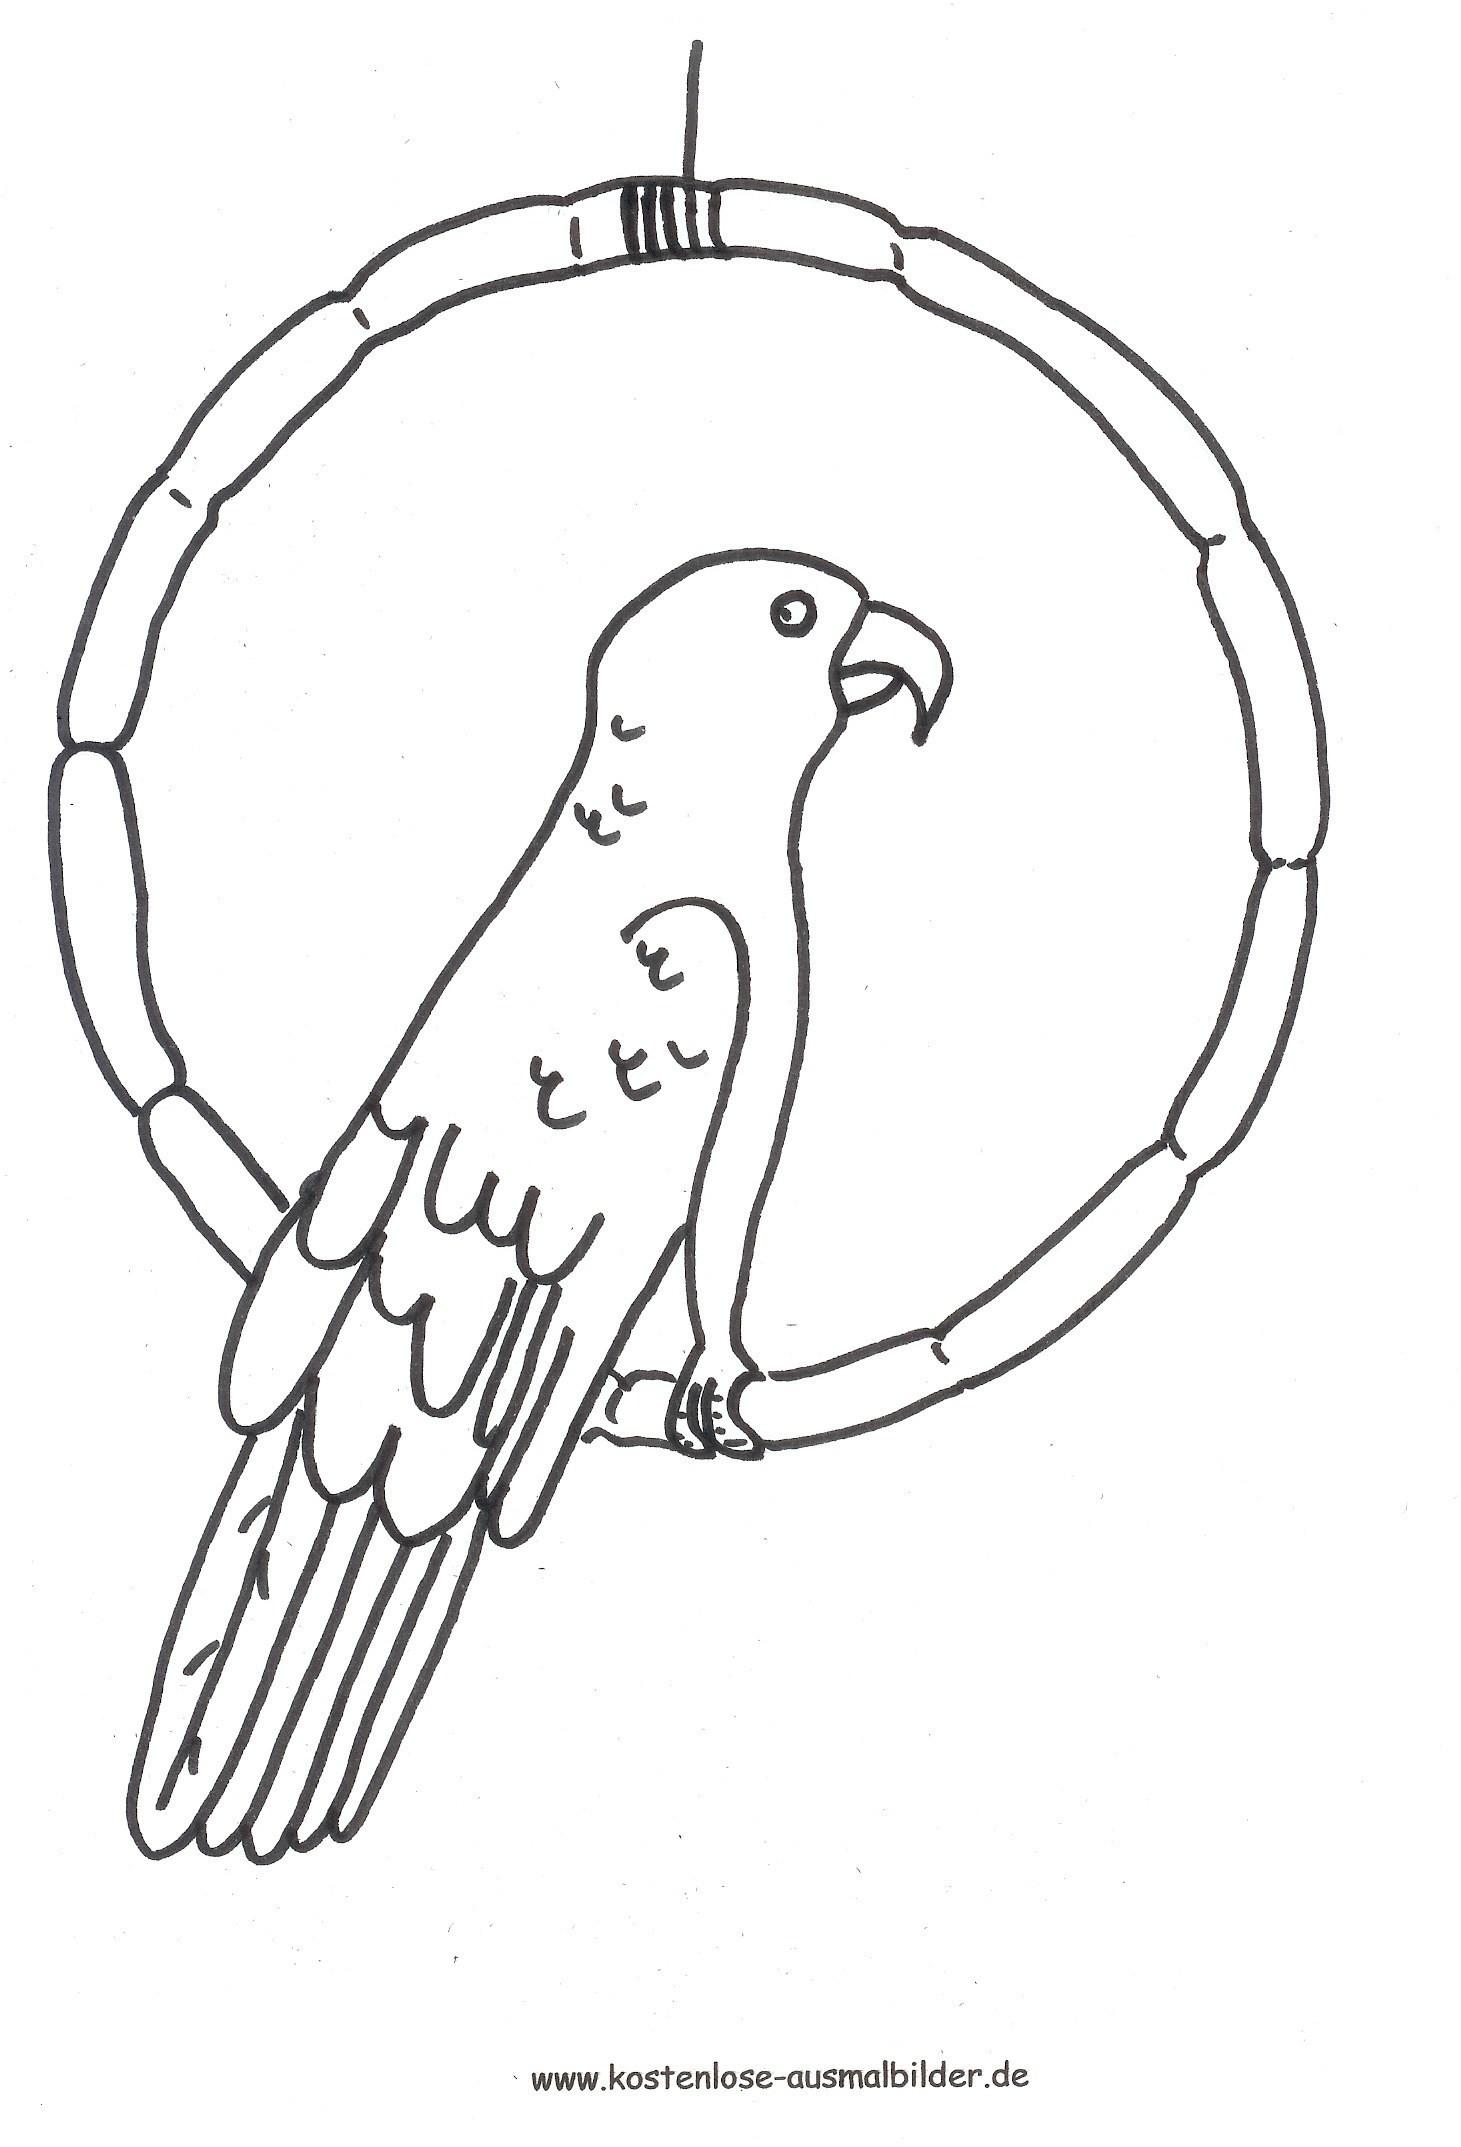 Papagei Zum Ausmalen Neu 42 Neu Papagei Ausmalen – Große Coloring Page Sammlung Stock